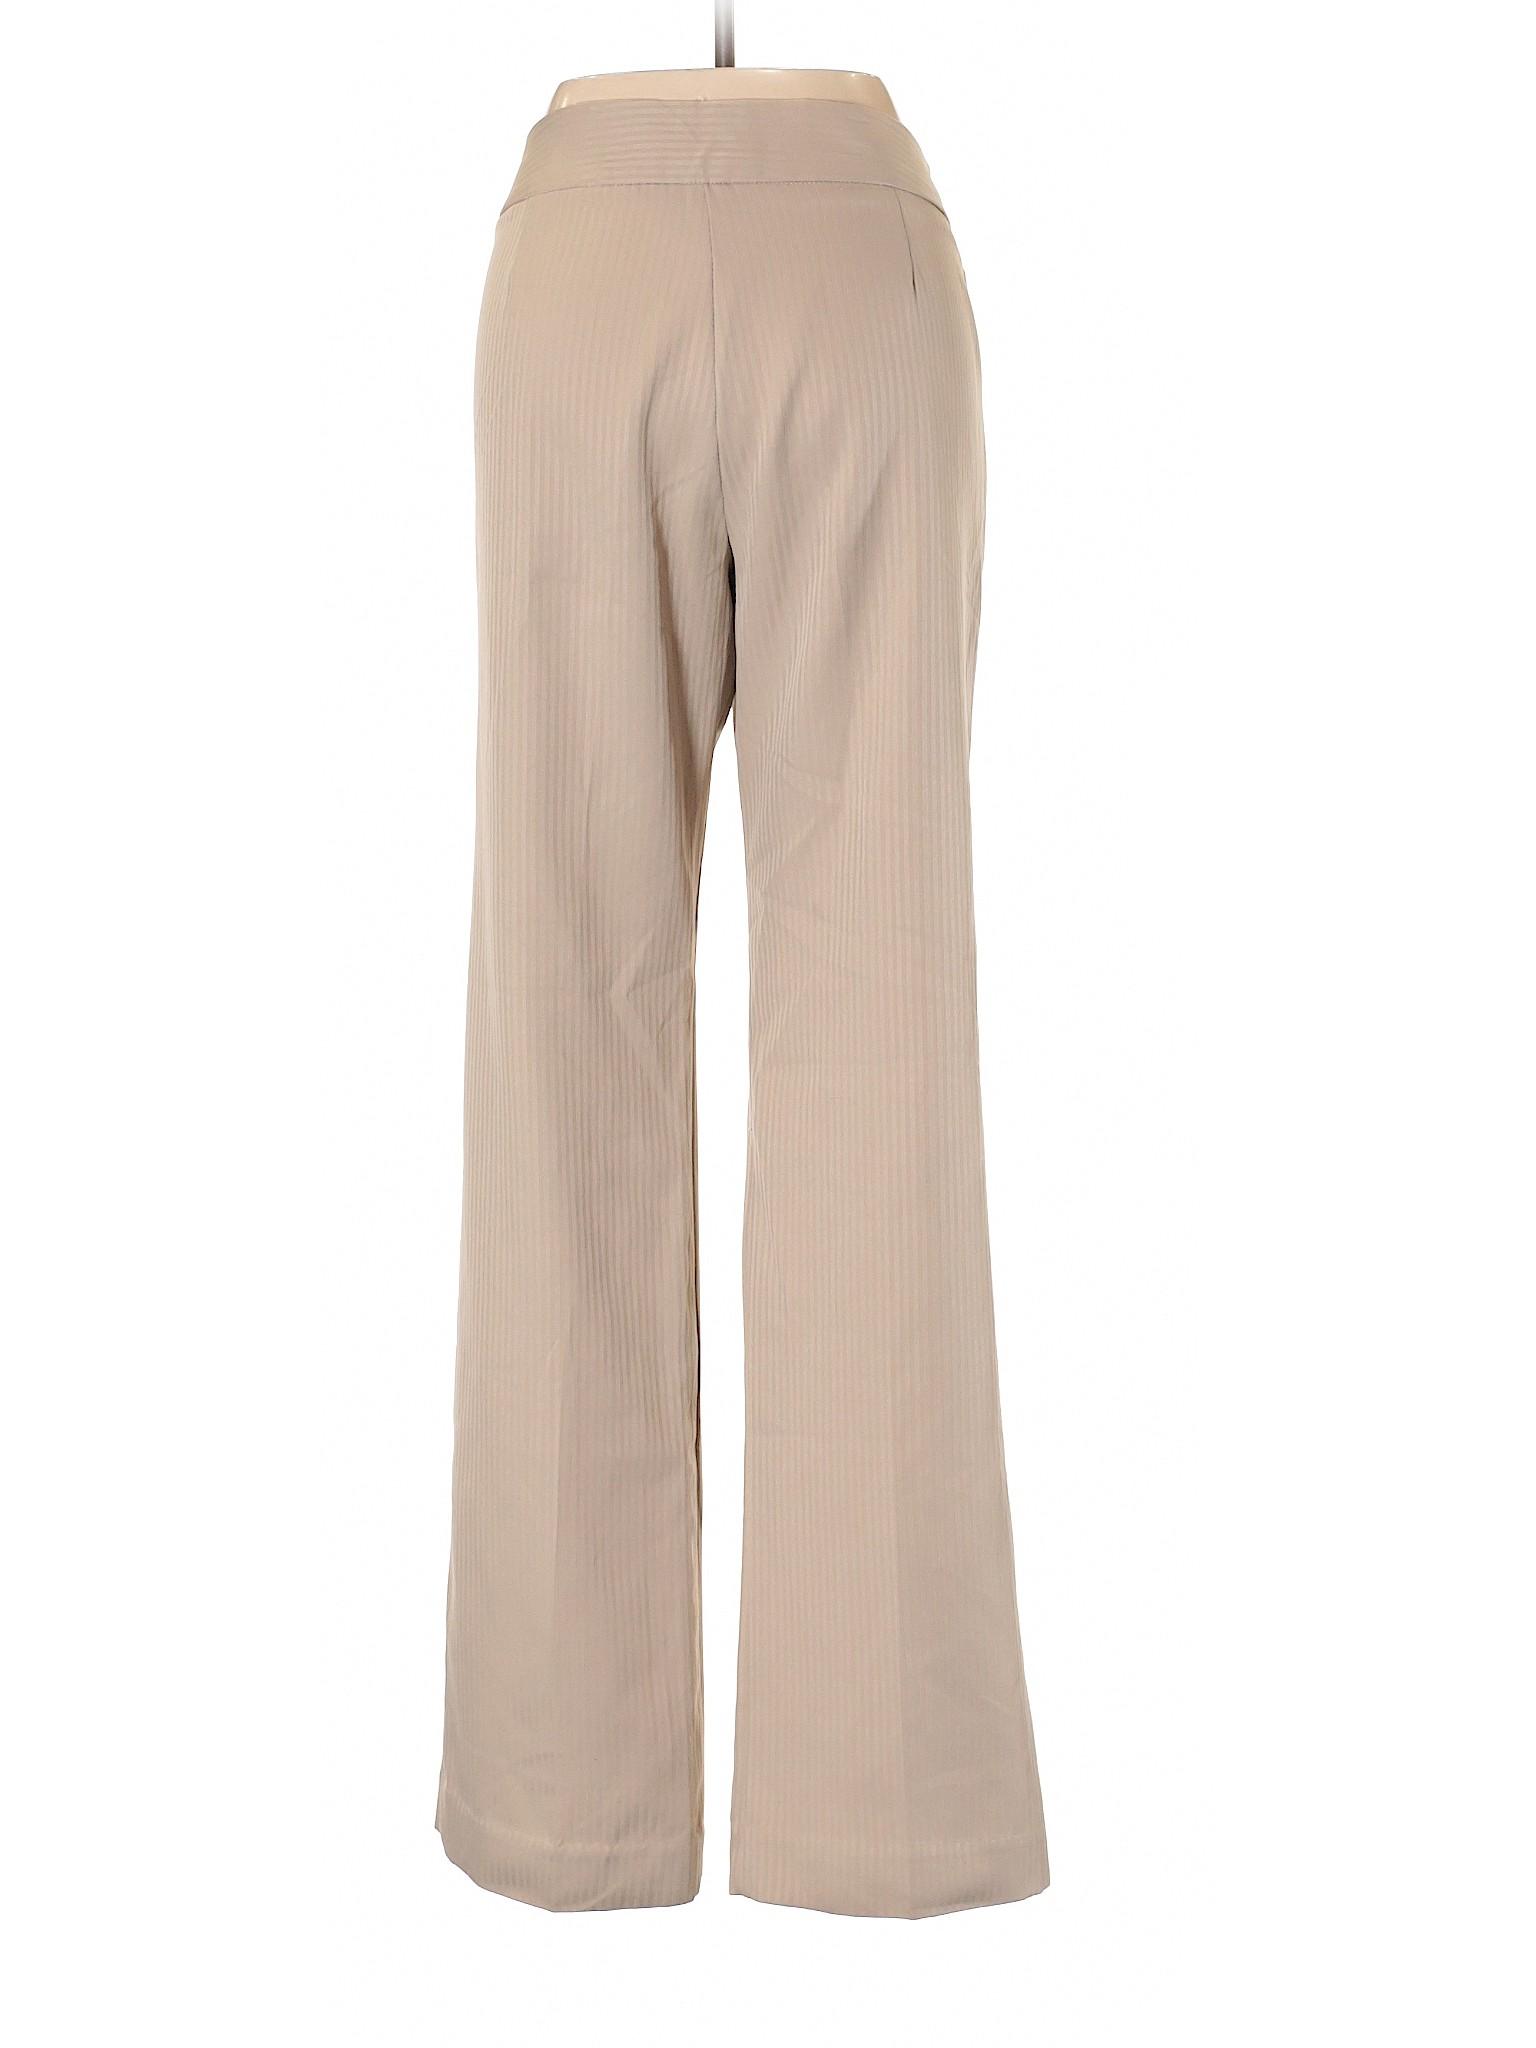 Signature by Boutique leisure Dress Levine Pants Larry Hz46wPOxq